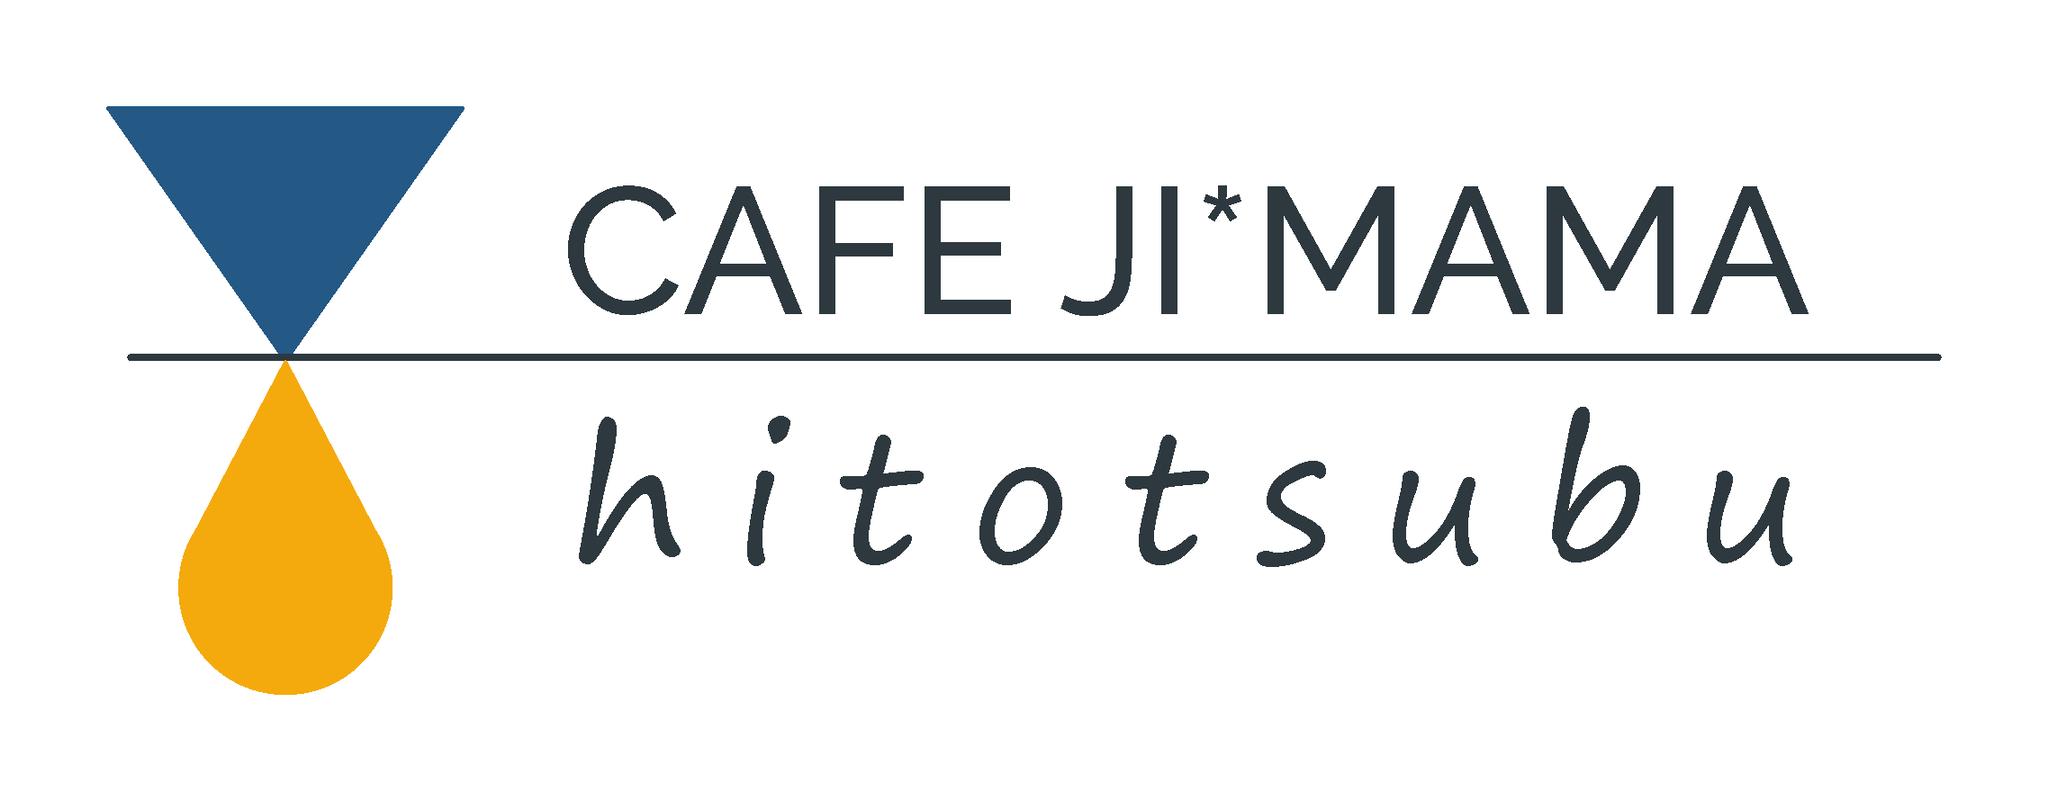 CAFE JI MAMA / hitotsubu-暮らしのもの